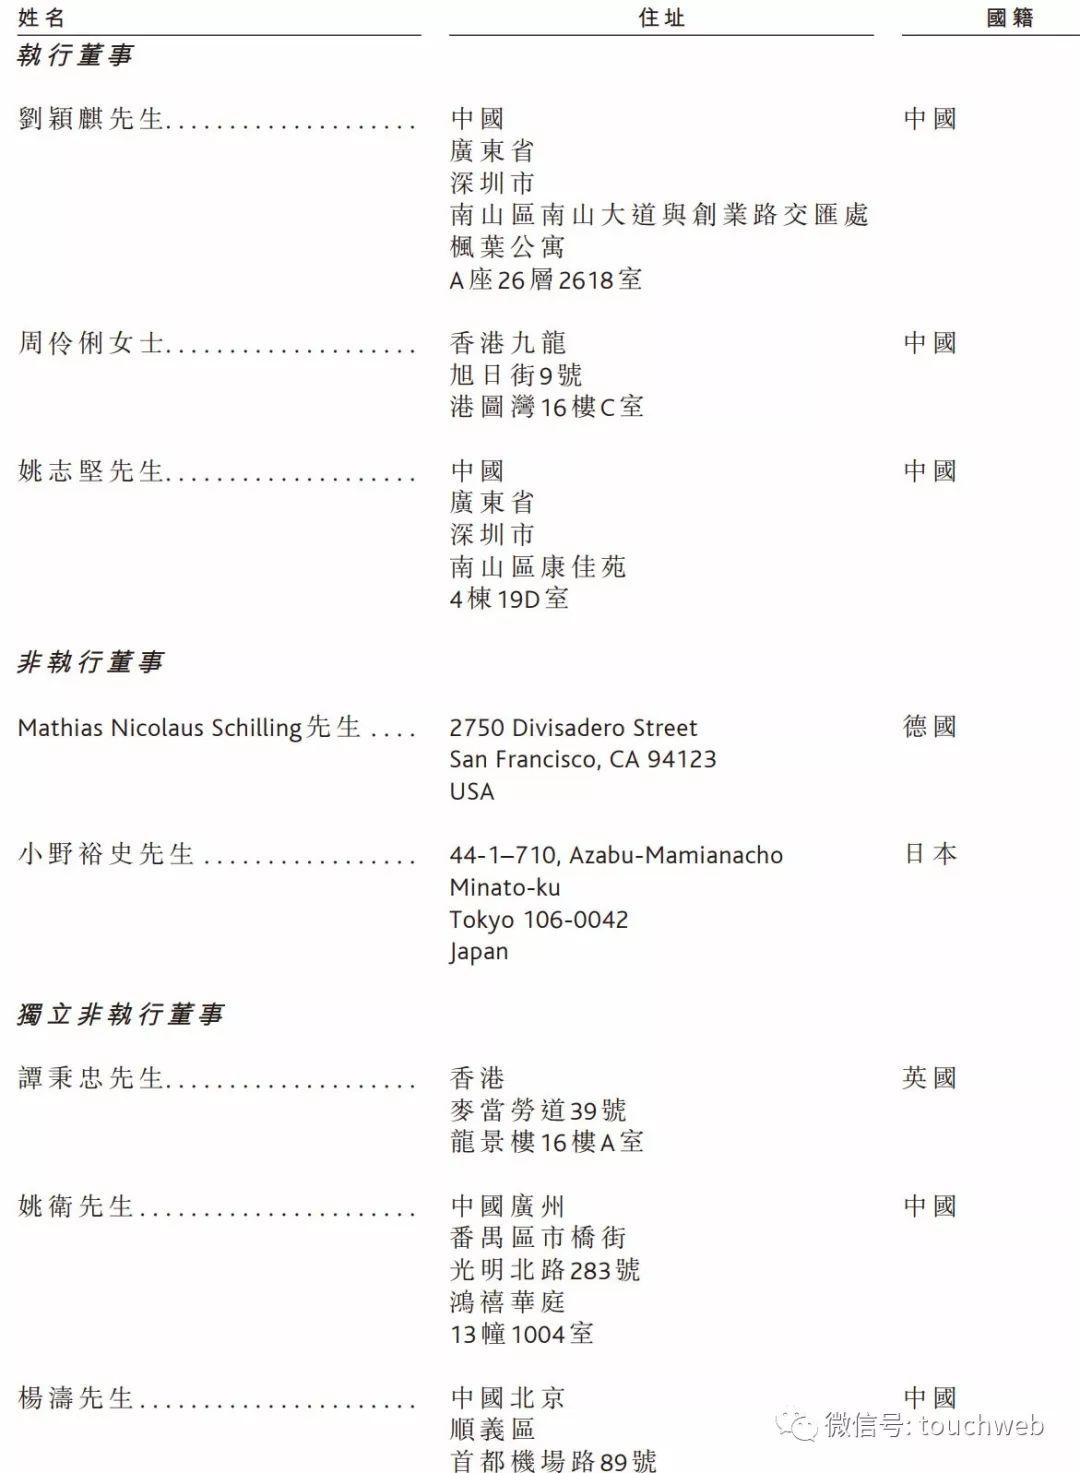 """盈盛娱乐官网 - 七百家庭千名跑者沈阳""""为爱麦跑""""全国16城4.5万人共同助力""""麦当劳叔叔之家"""""""